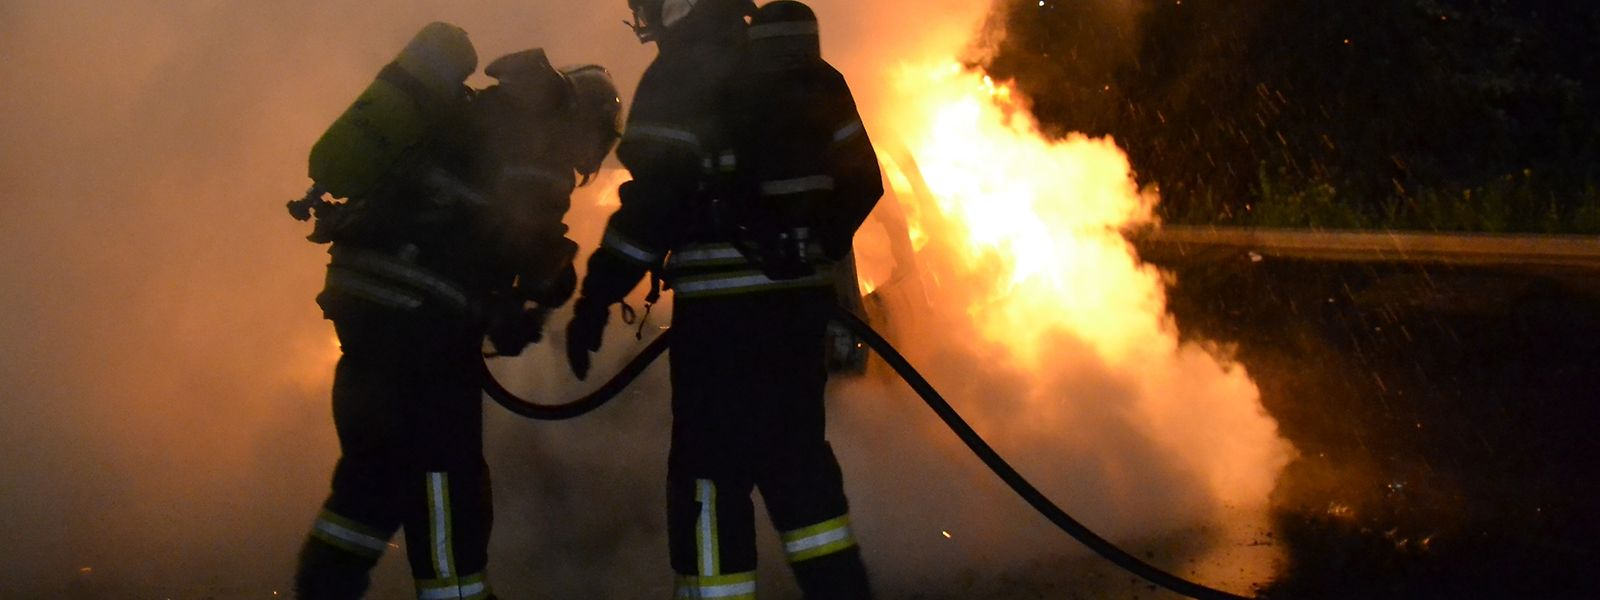 Bei dem Fahrzeugbrand in Esch/Alzette entstand hoher Sachschden.